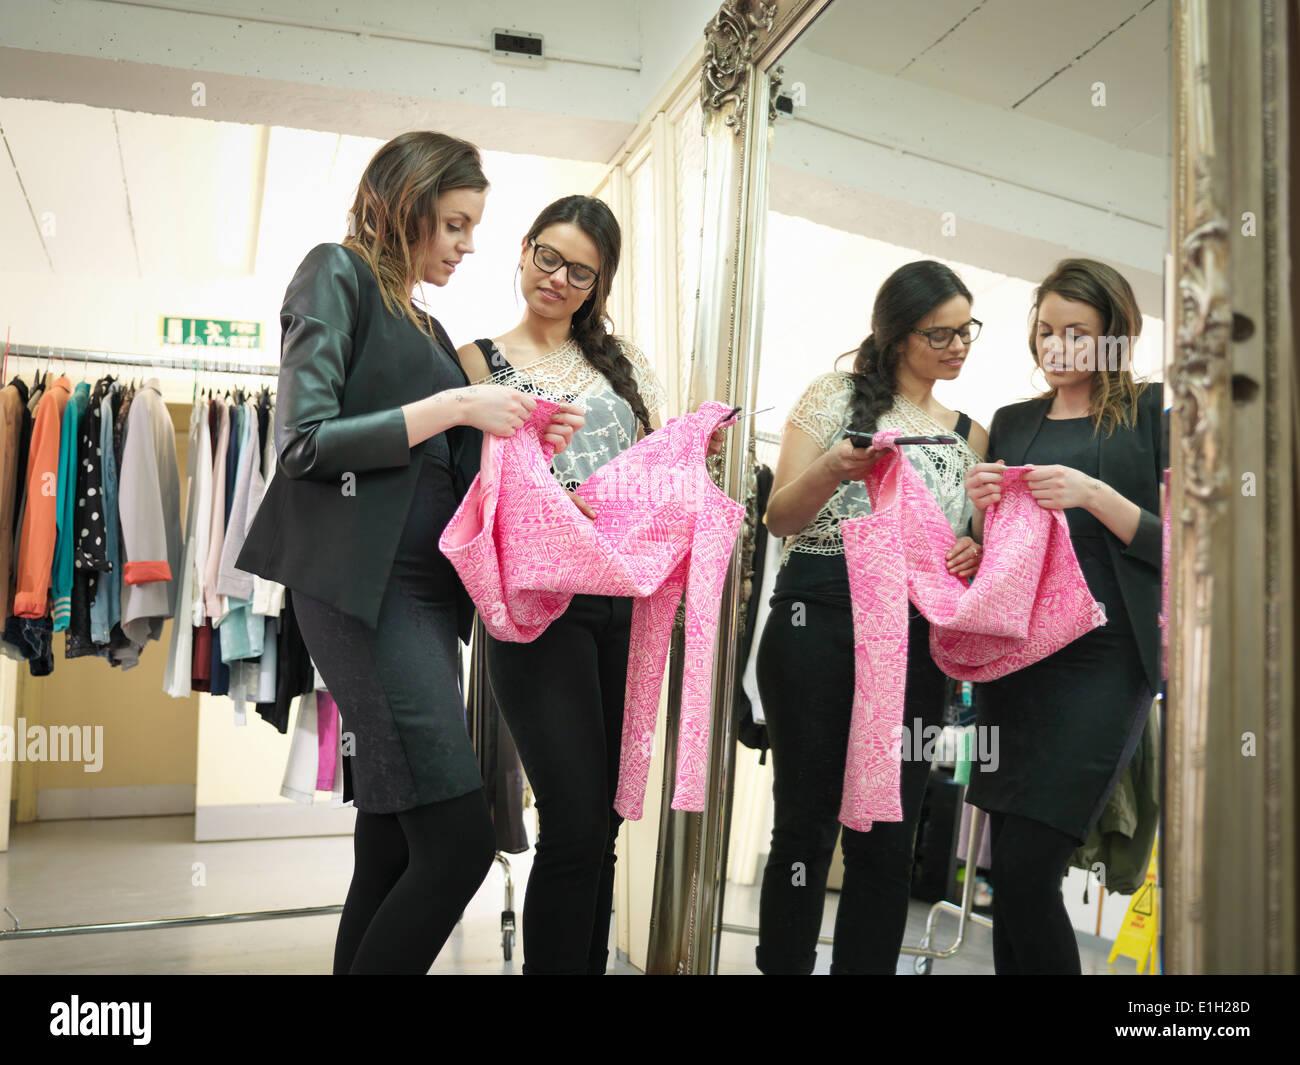 Fashion designers check garment in fashion design studio - Stock Image